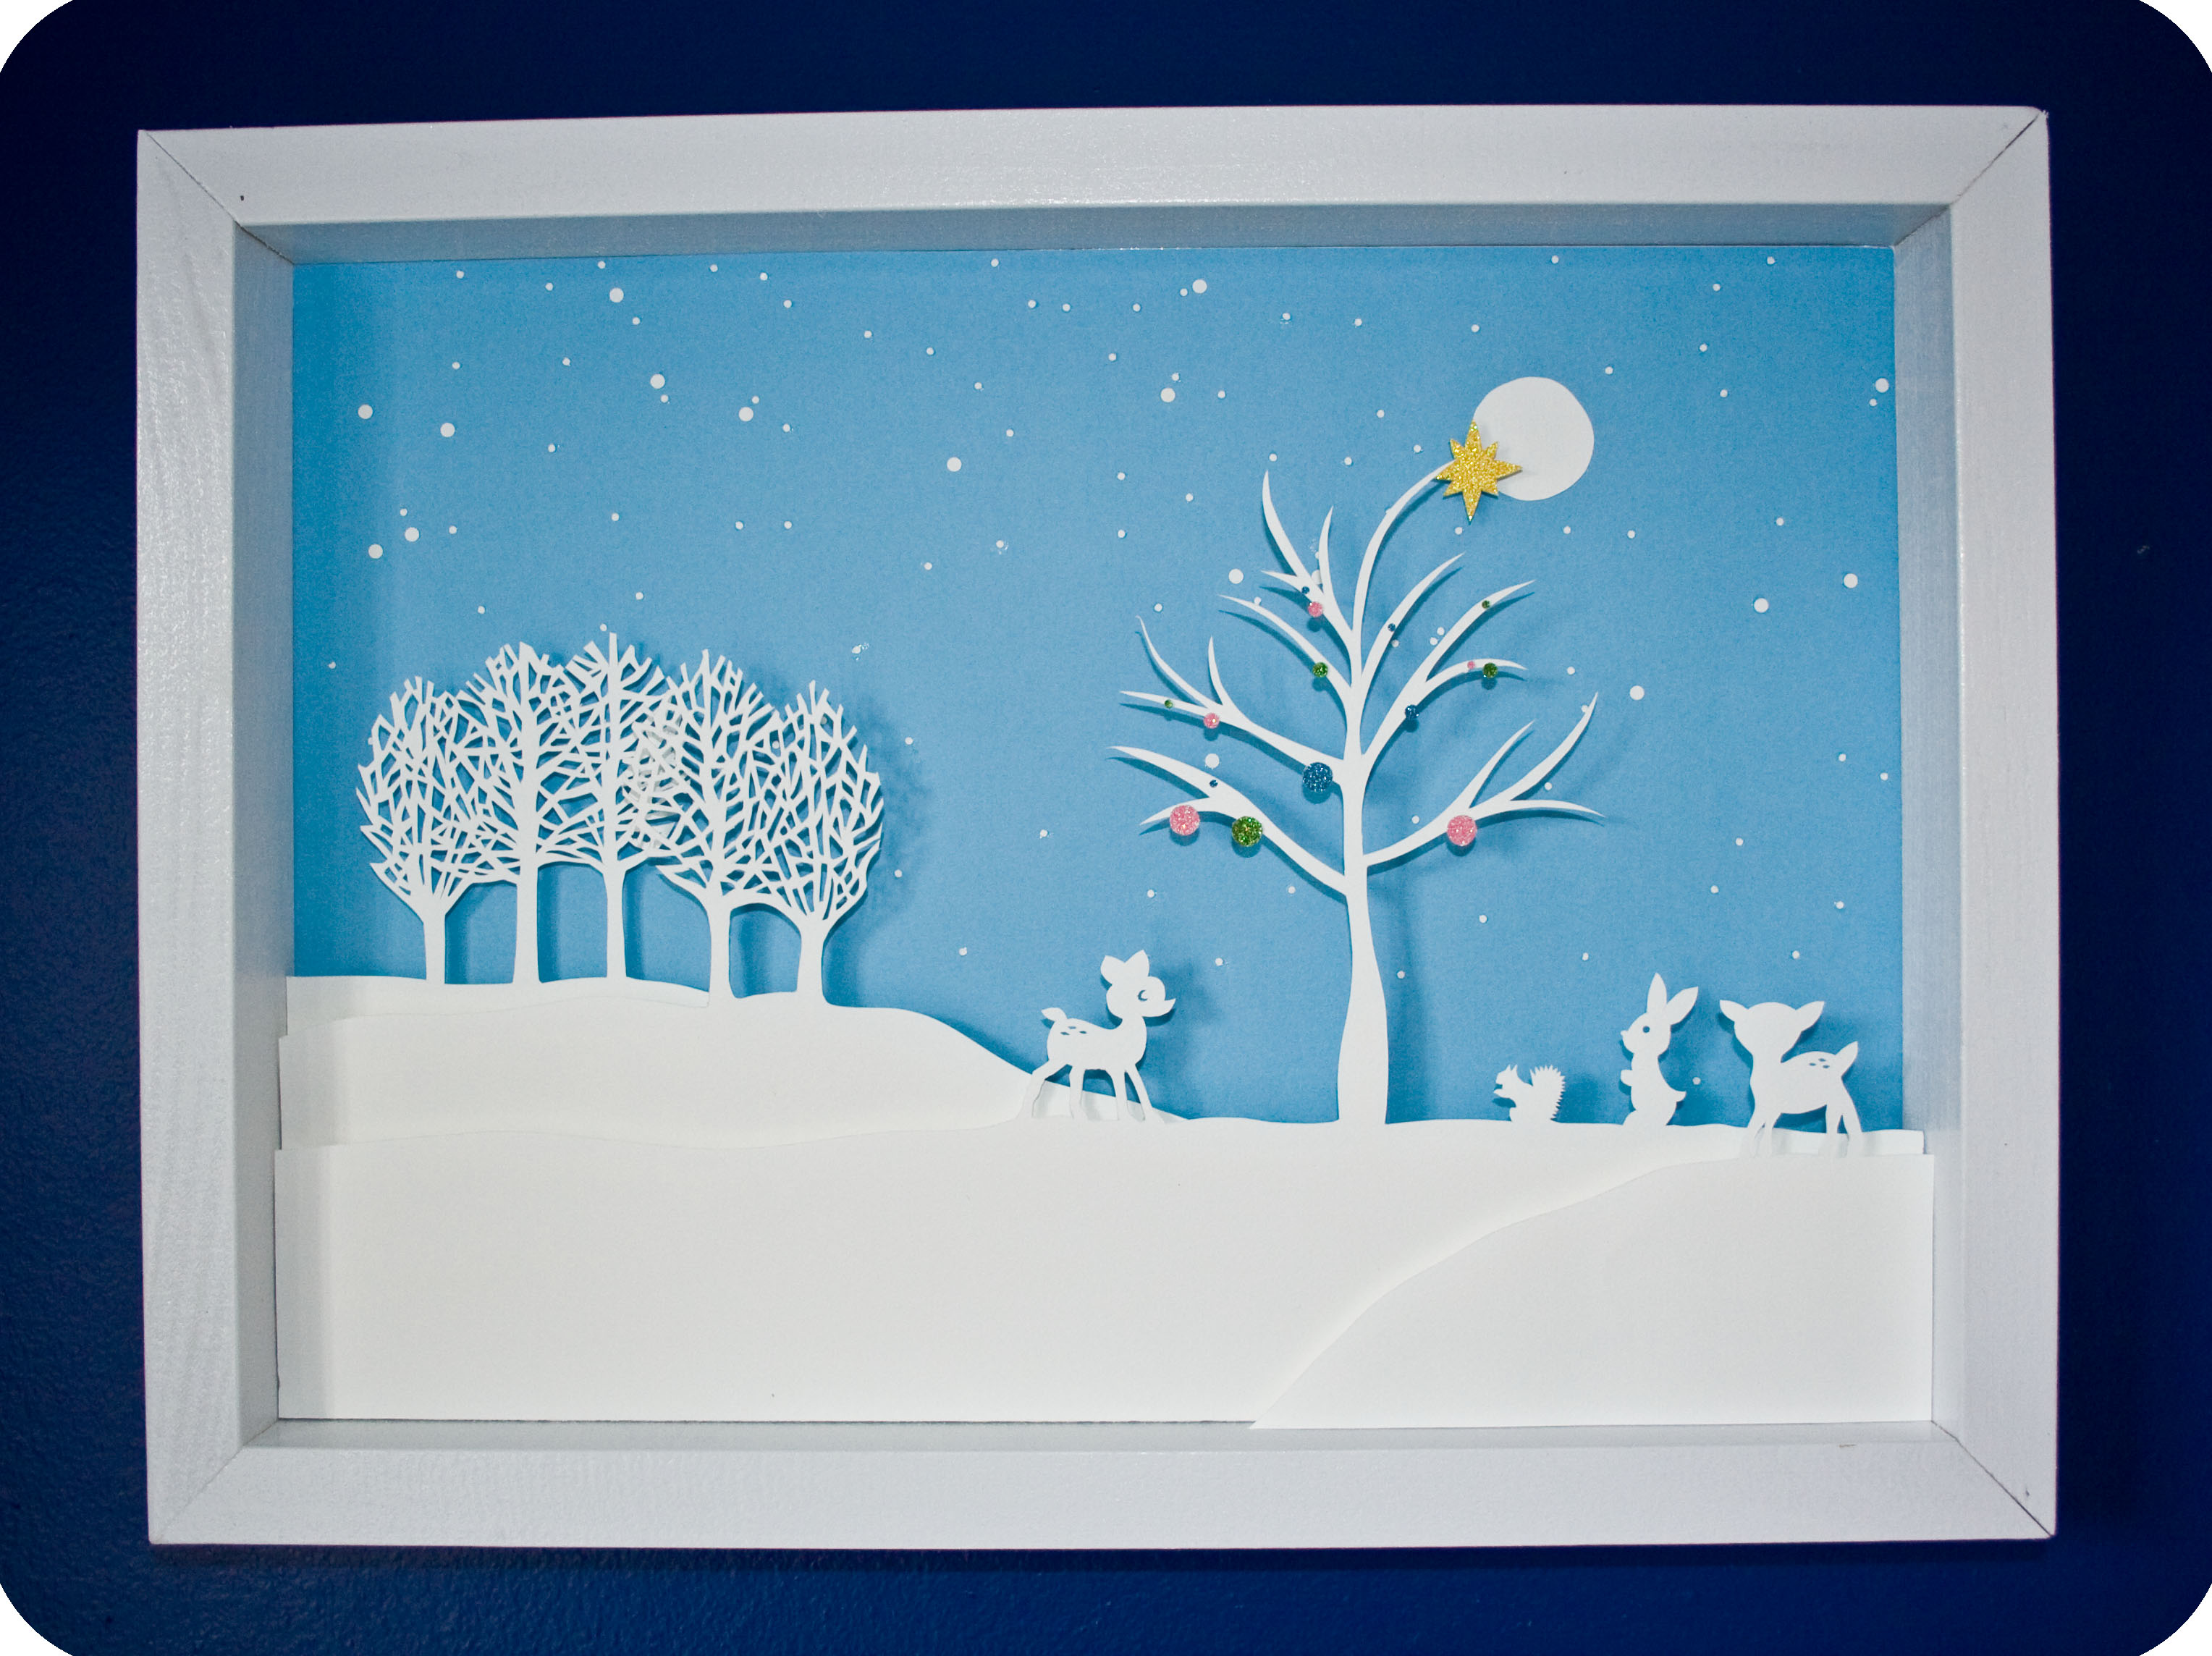 Paper Cut Winter Scene Im Feeling Crafty